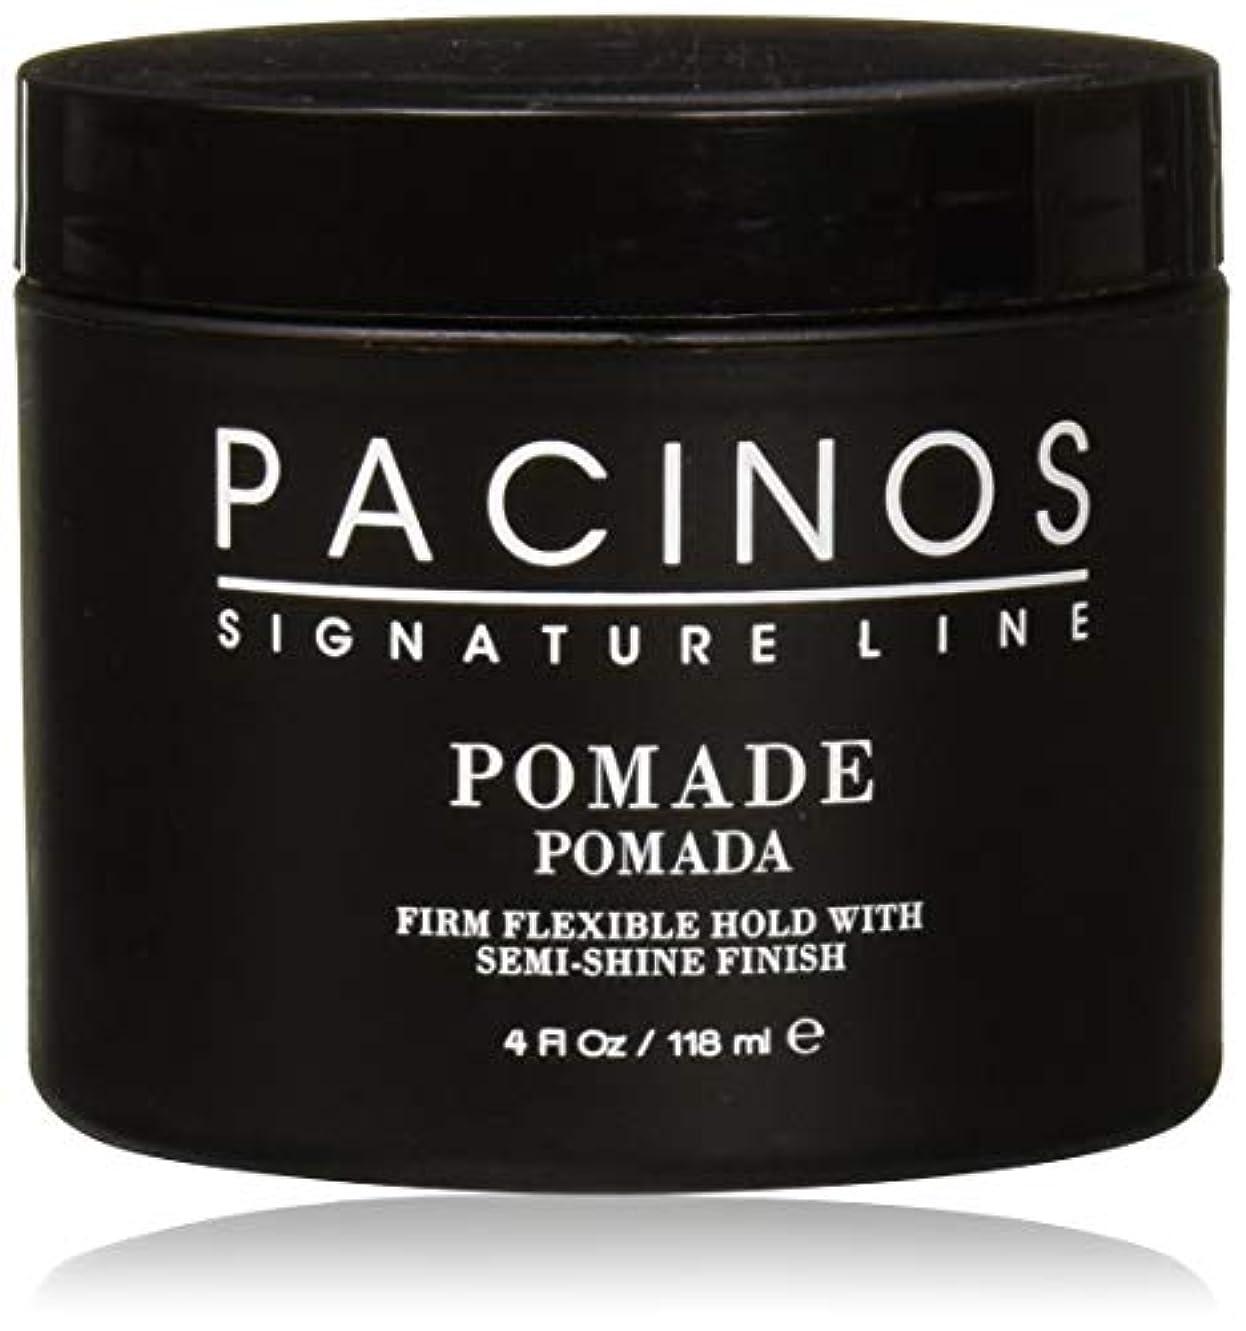 アセする無秩序Pacinos Pomade パチーノス?ポマード【日本正規品】4oz(118g)